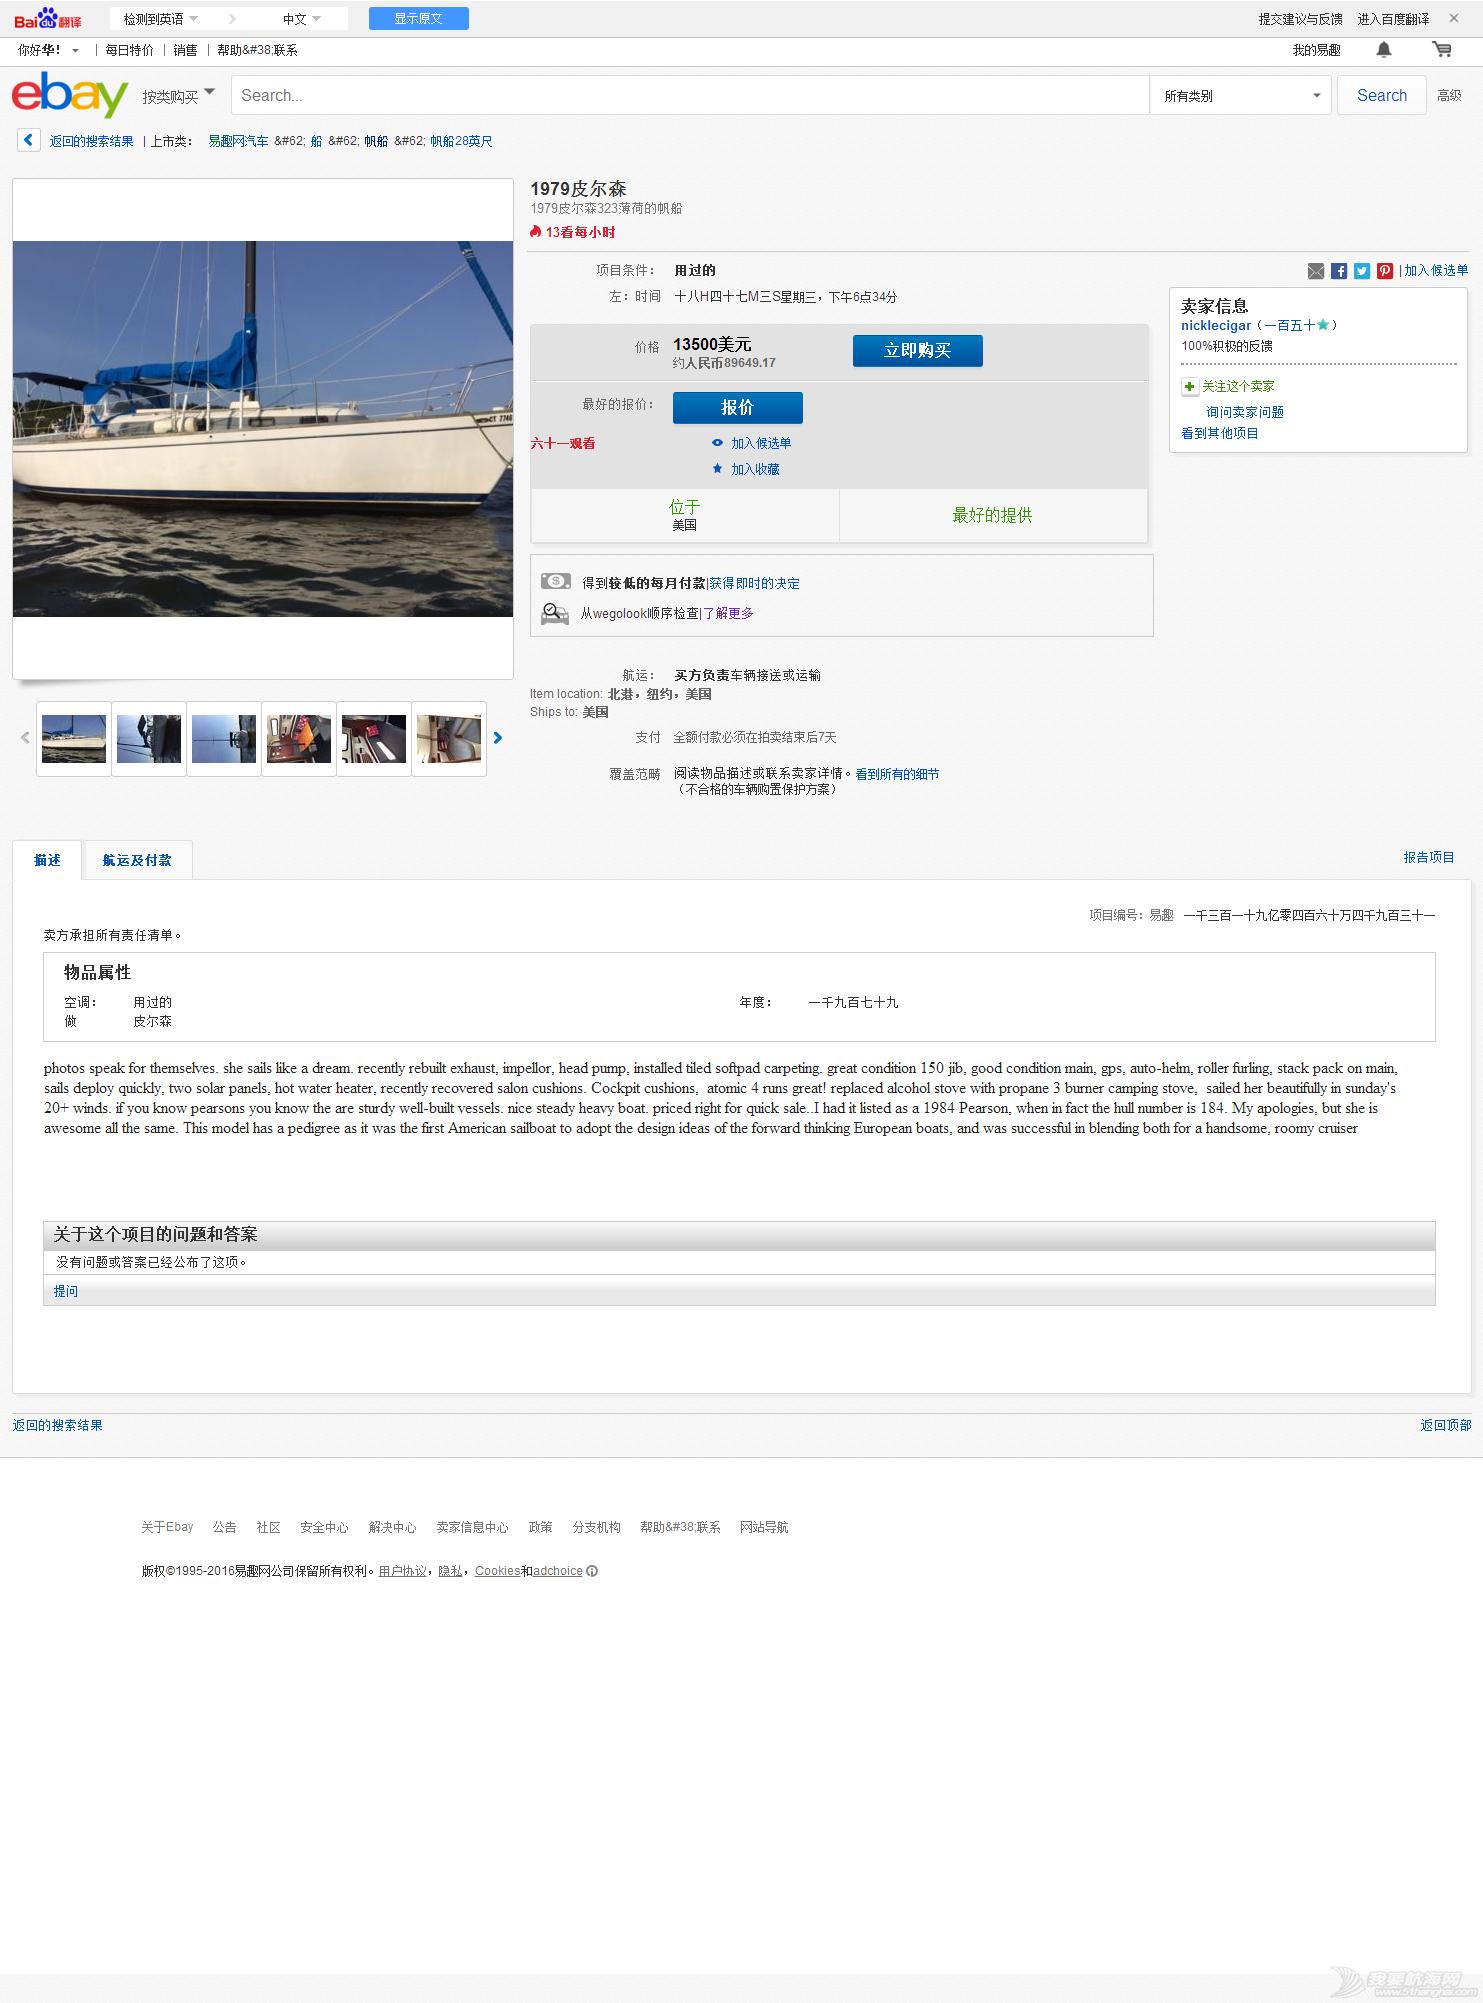 美国,二手,帆船,翻新,托运 想买美国二手帆船托运回国,翻新改造可行吗? 1979皮尔森323薄荷帆船易趣网.png